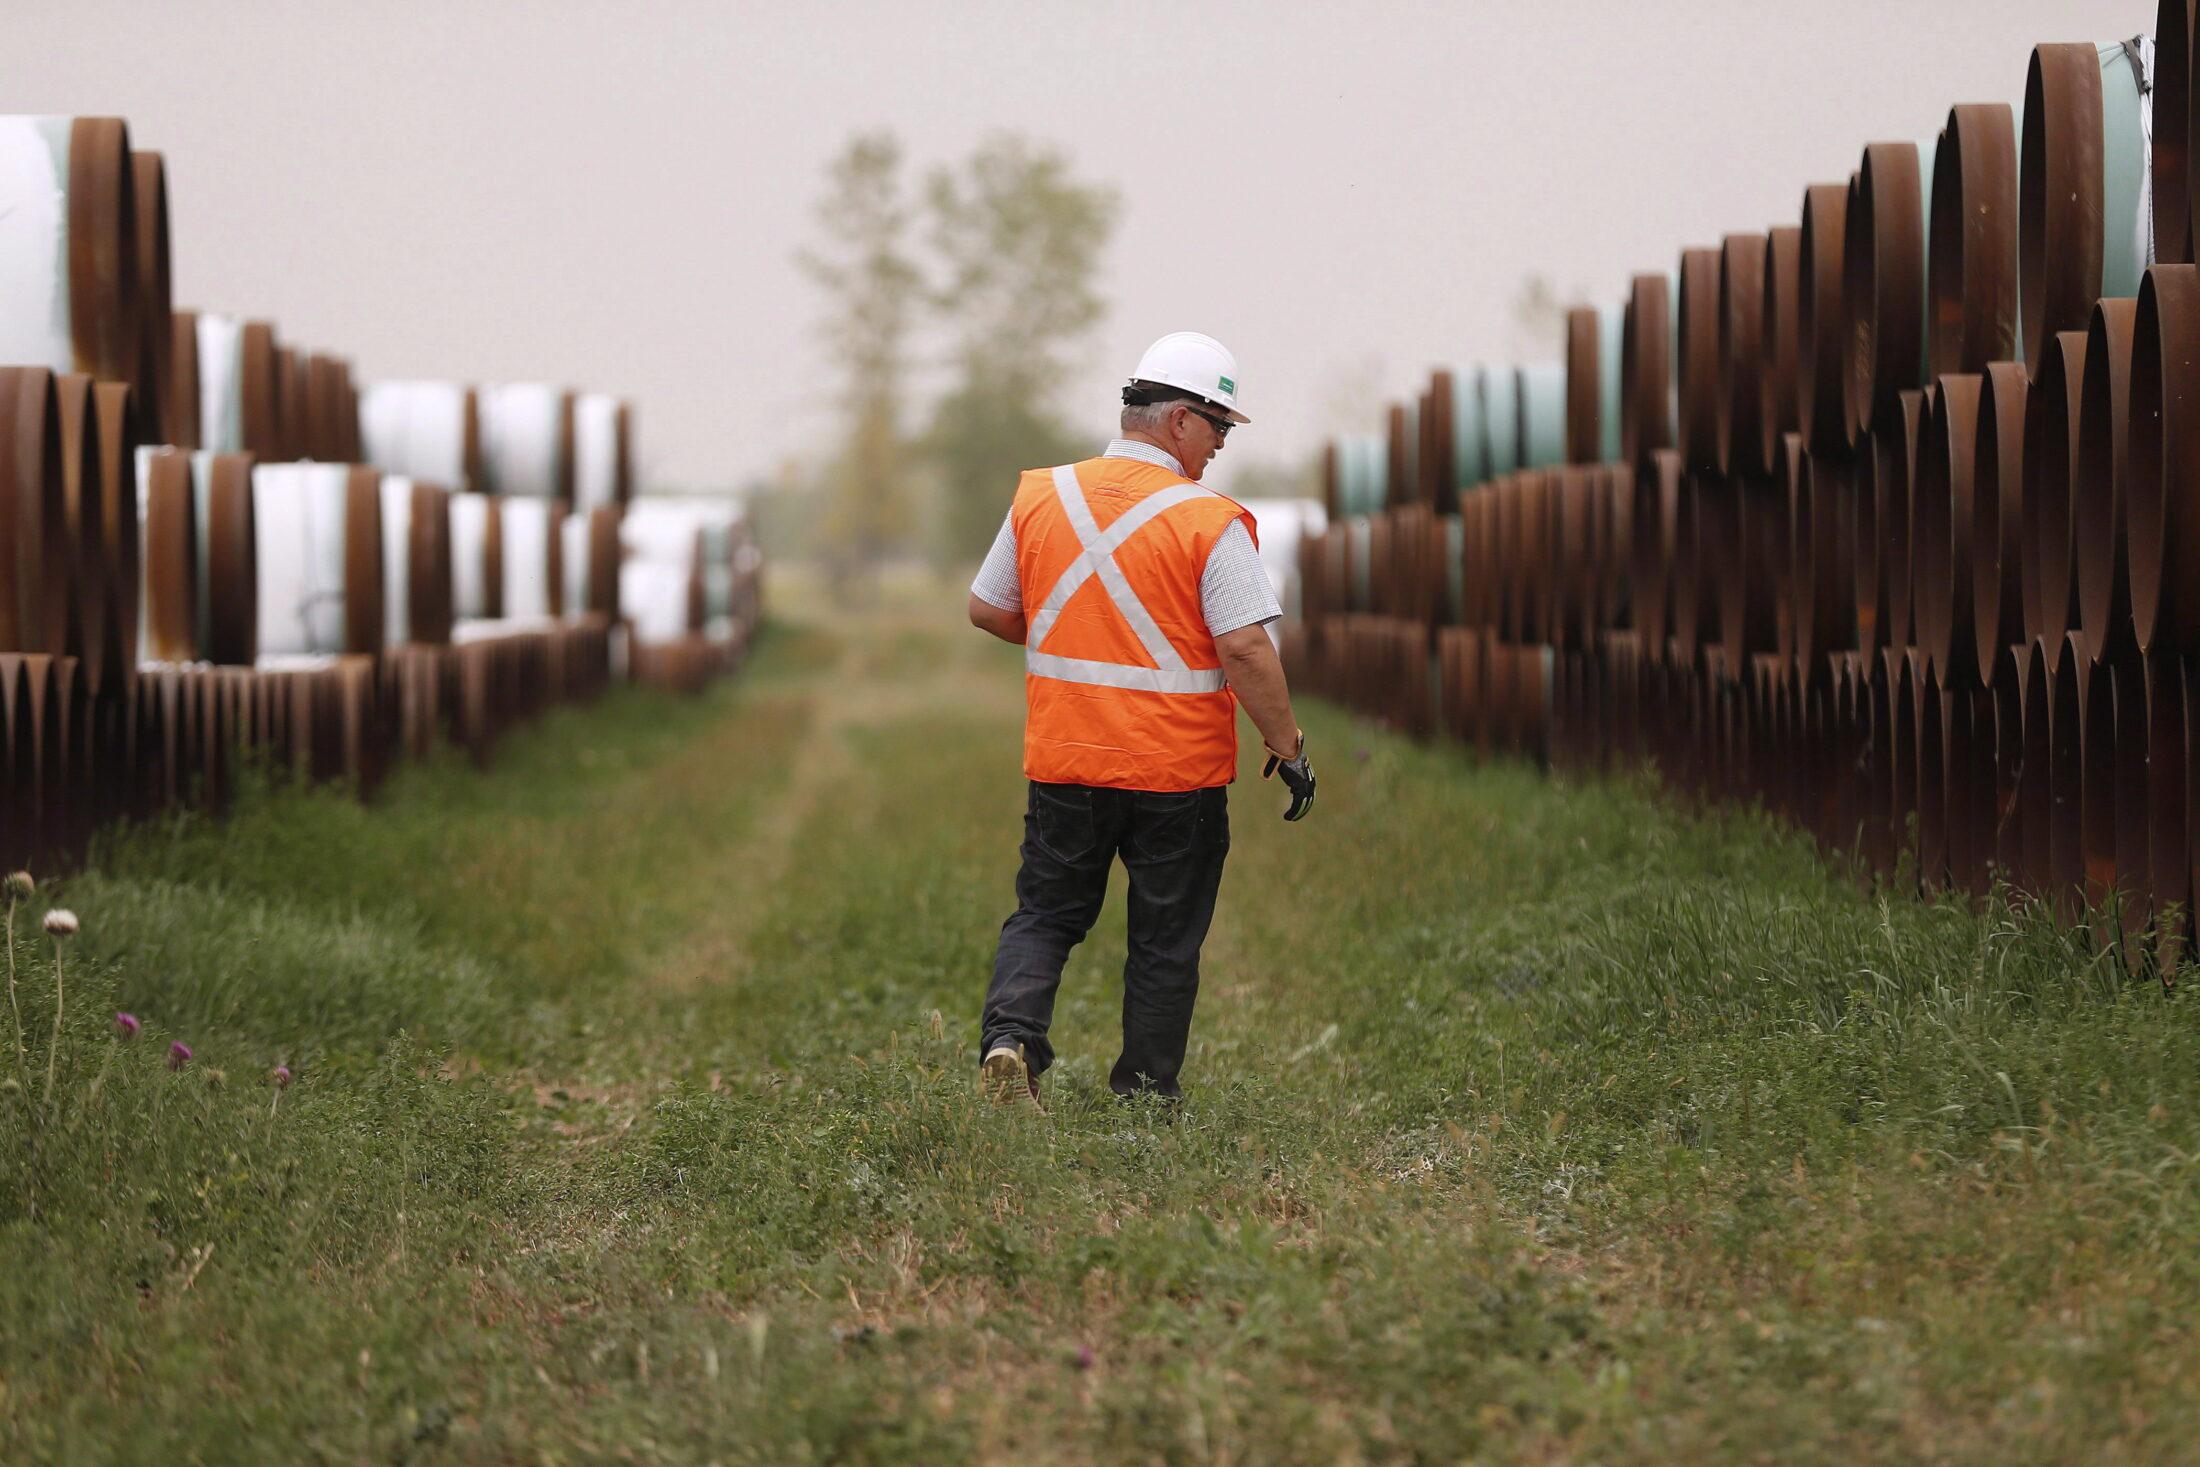 Press Tour of Enbridge Pipeline Construction